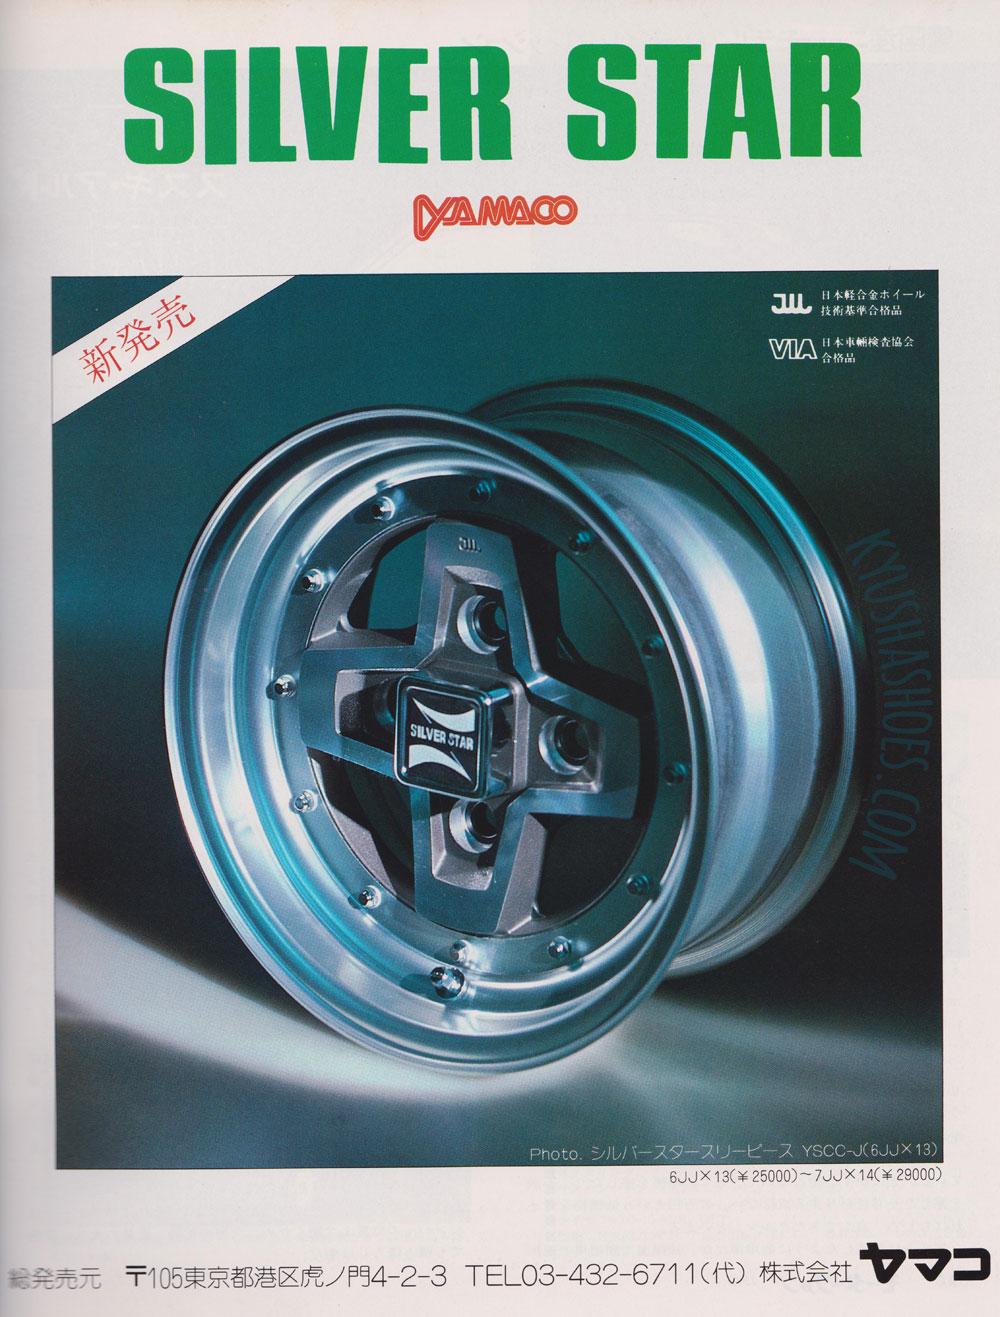 Yamaco Silver Star Three Piece 1979